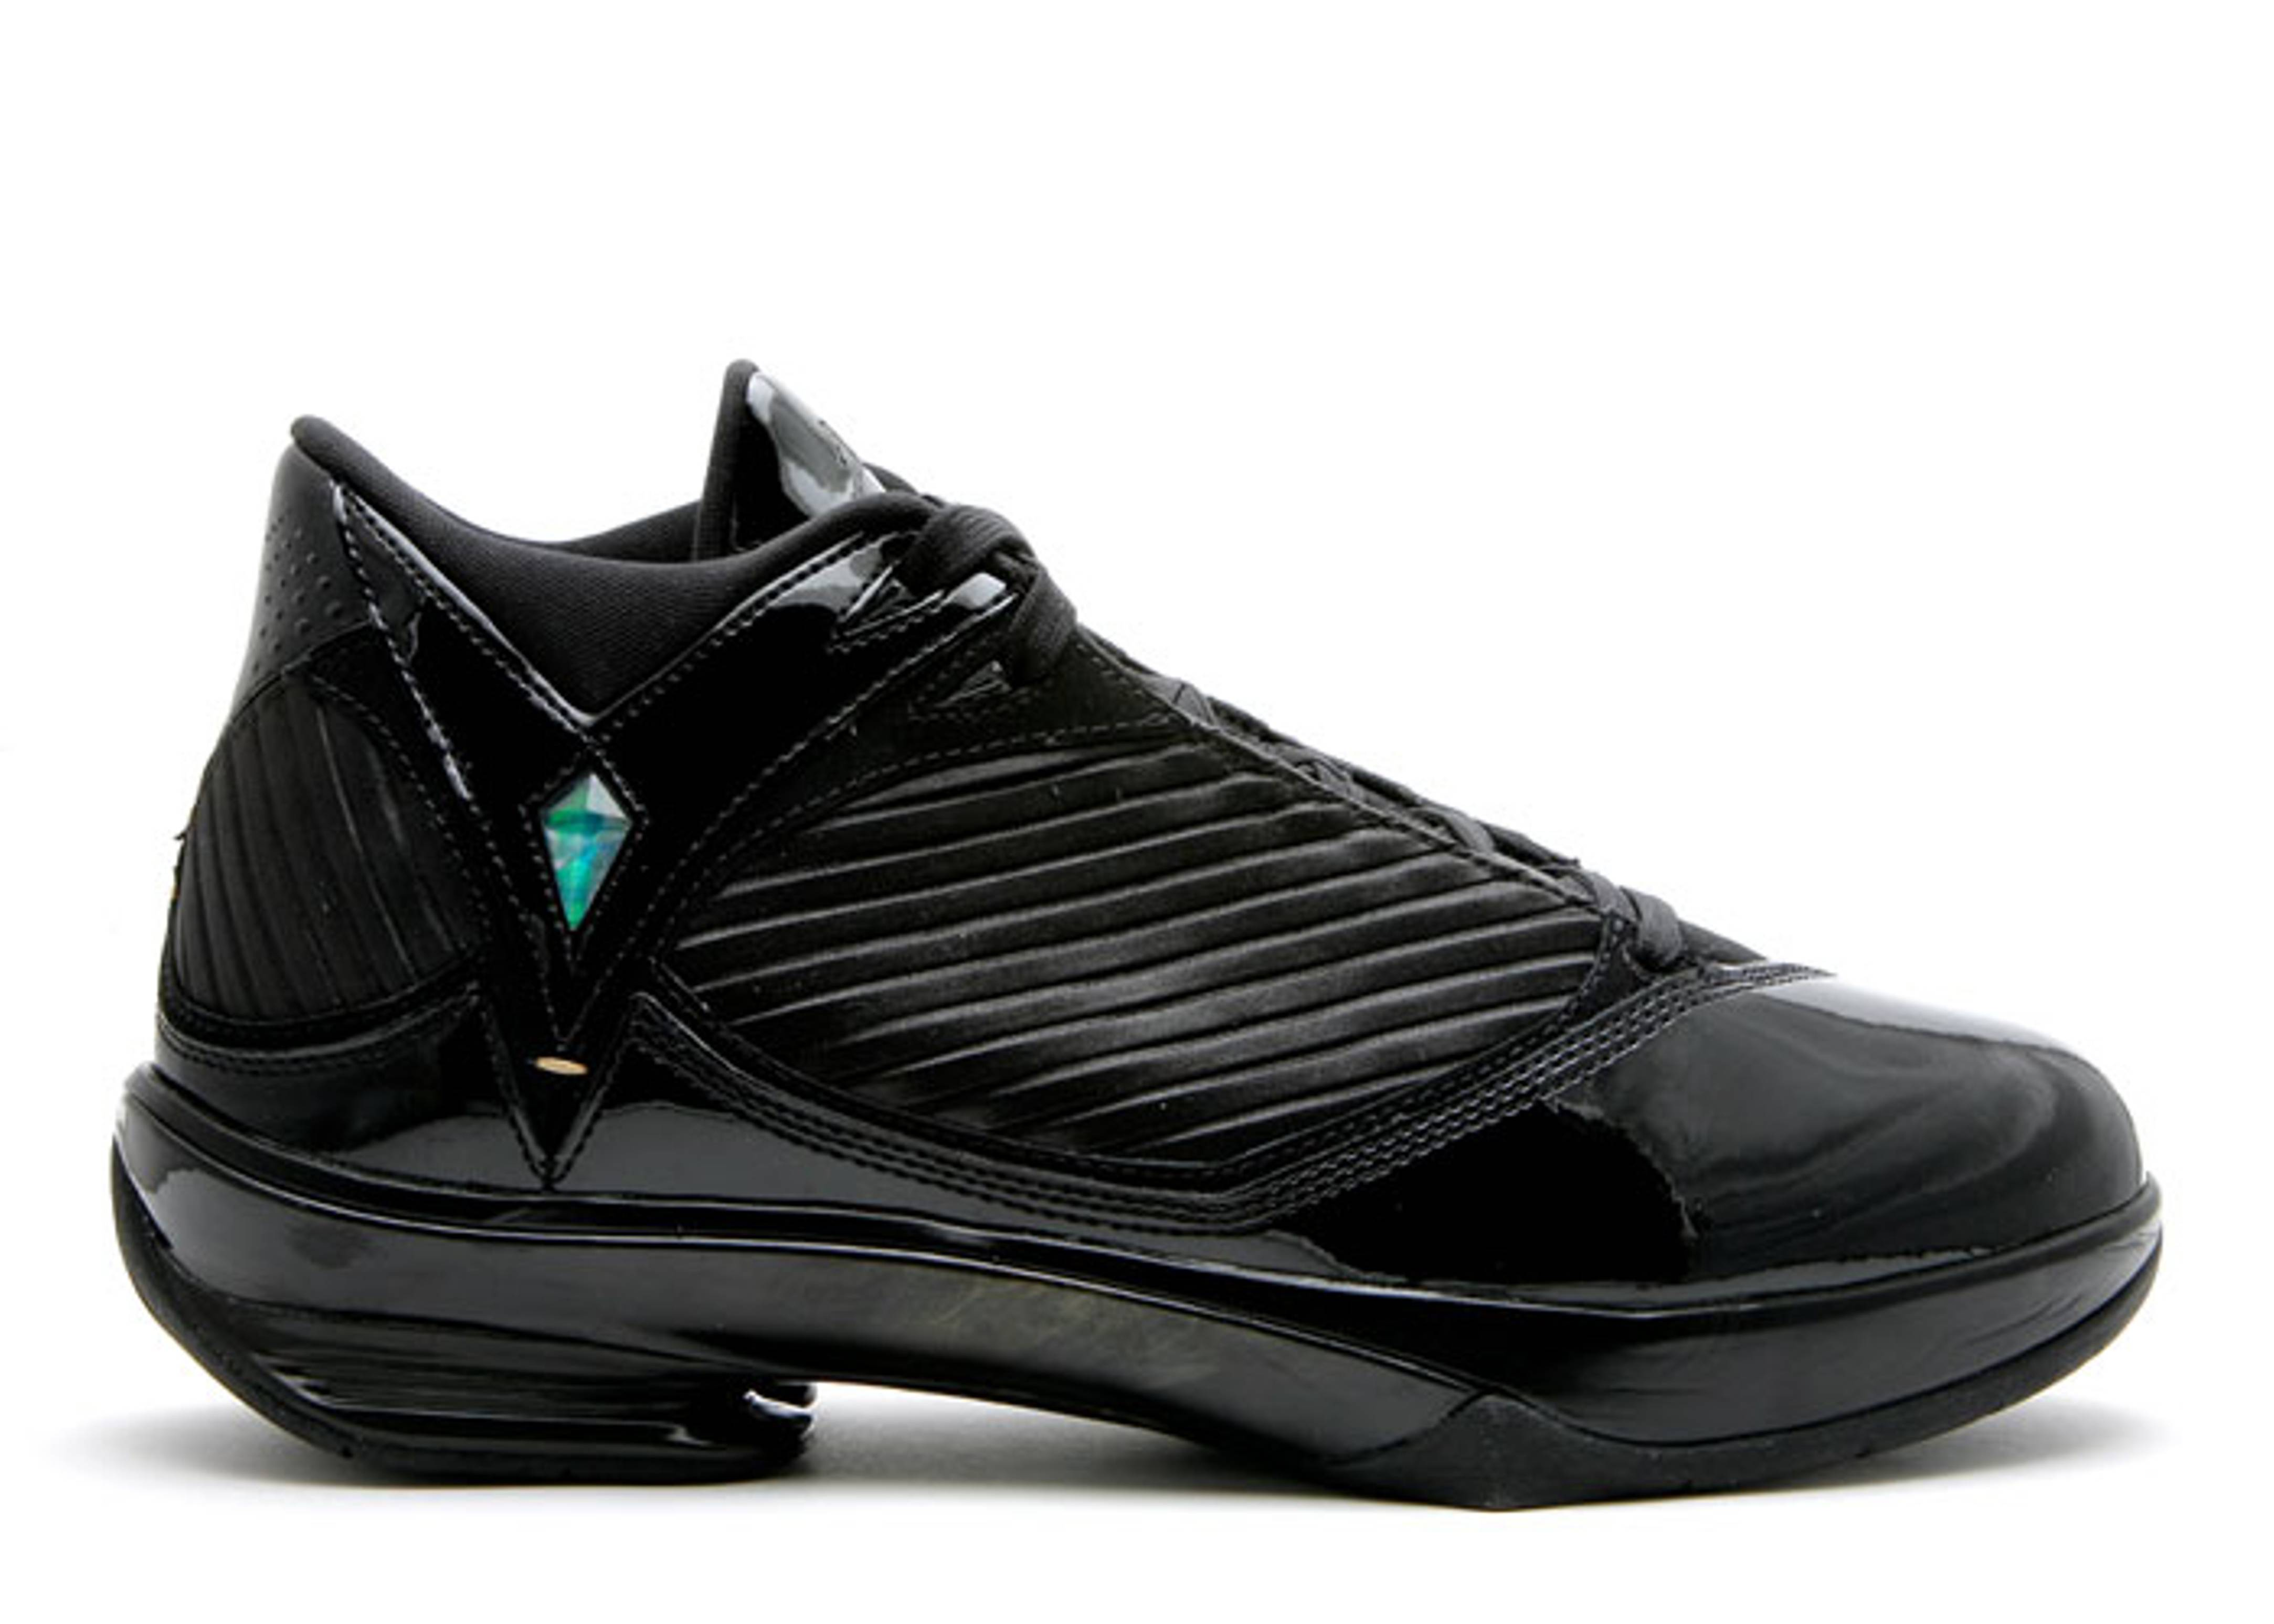 Nike Air Jordan 2009 S23 venta barata populares 100% autentico comprar colecciones baratas colecciones venta online 51sd1